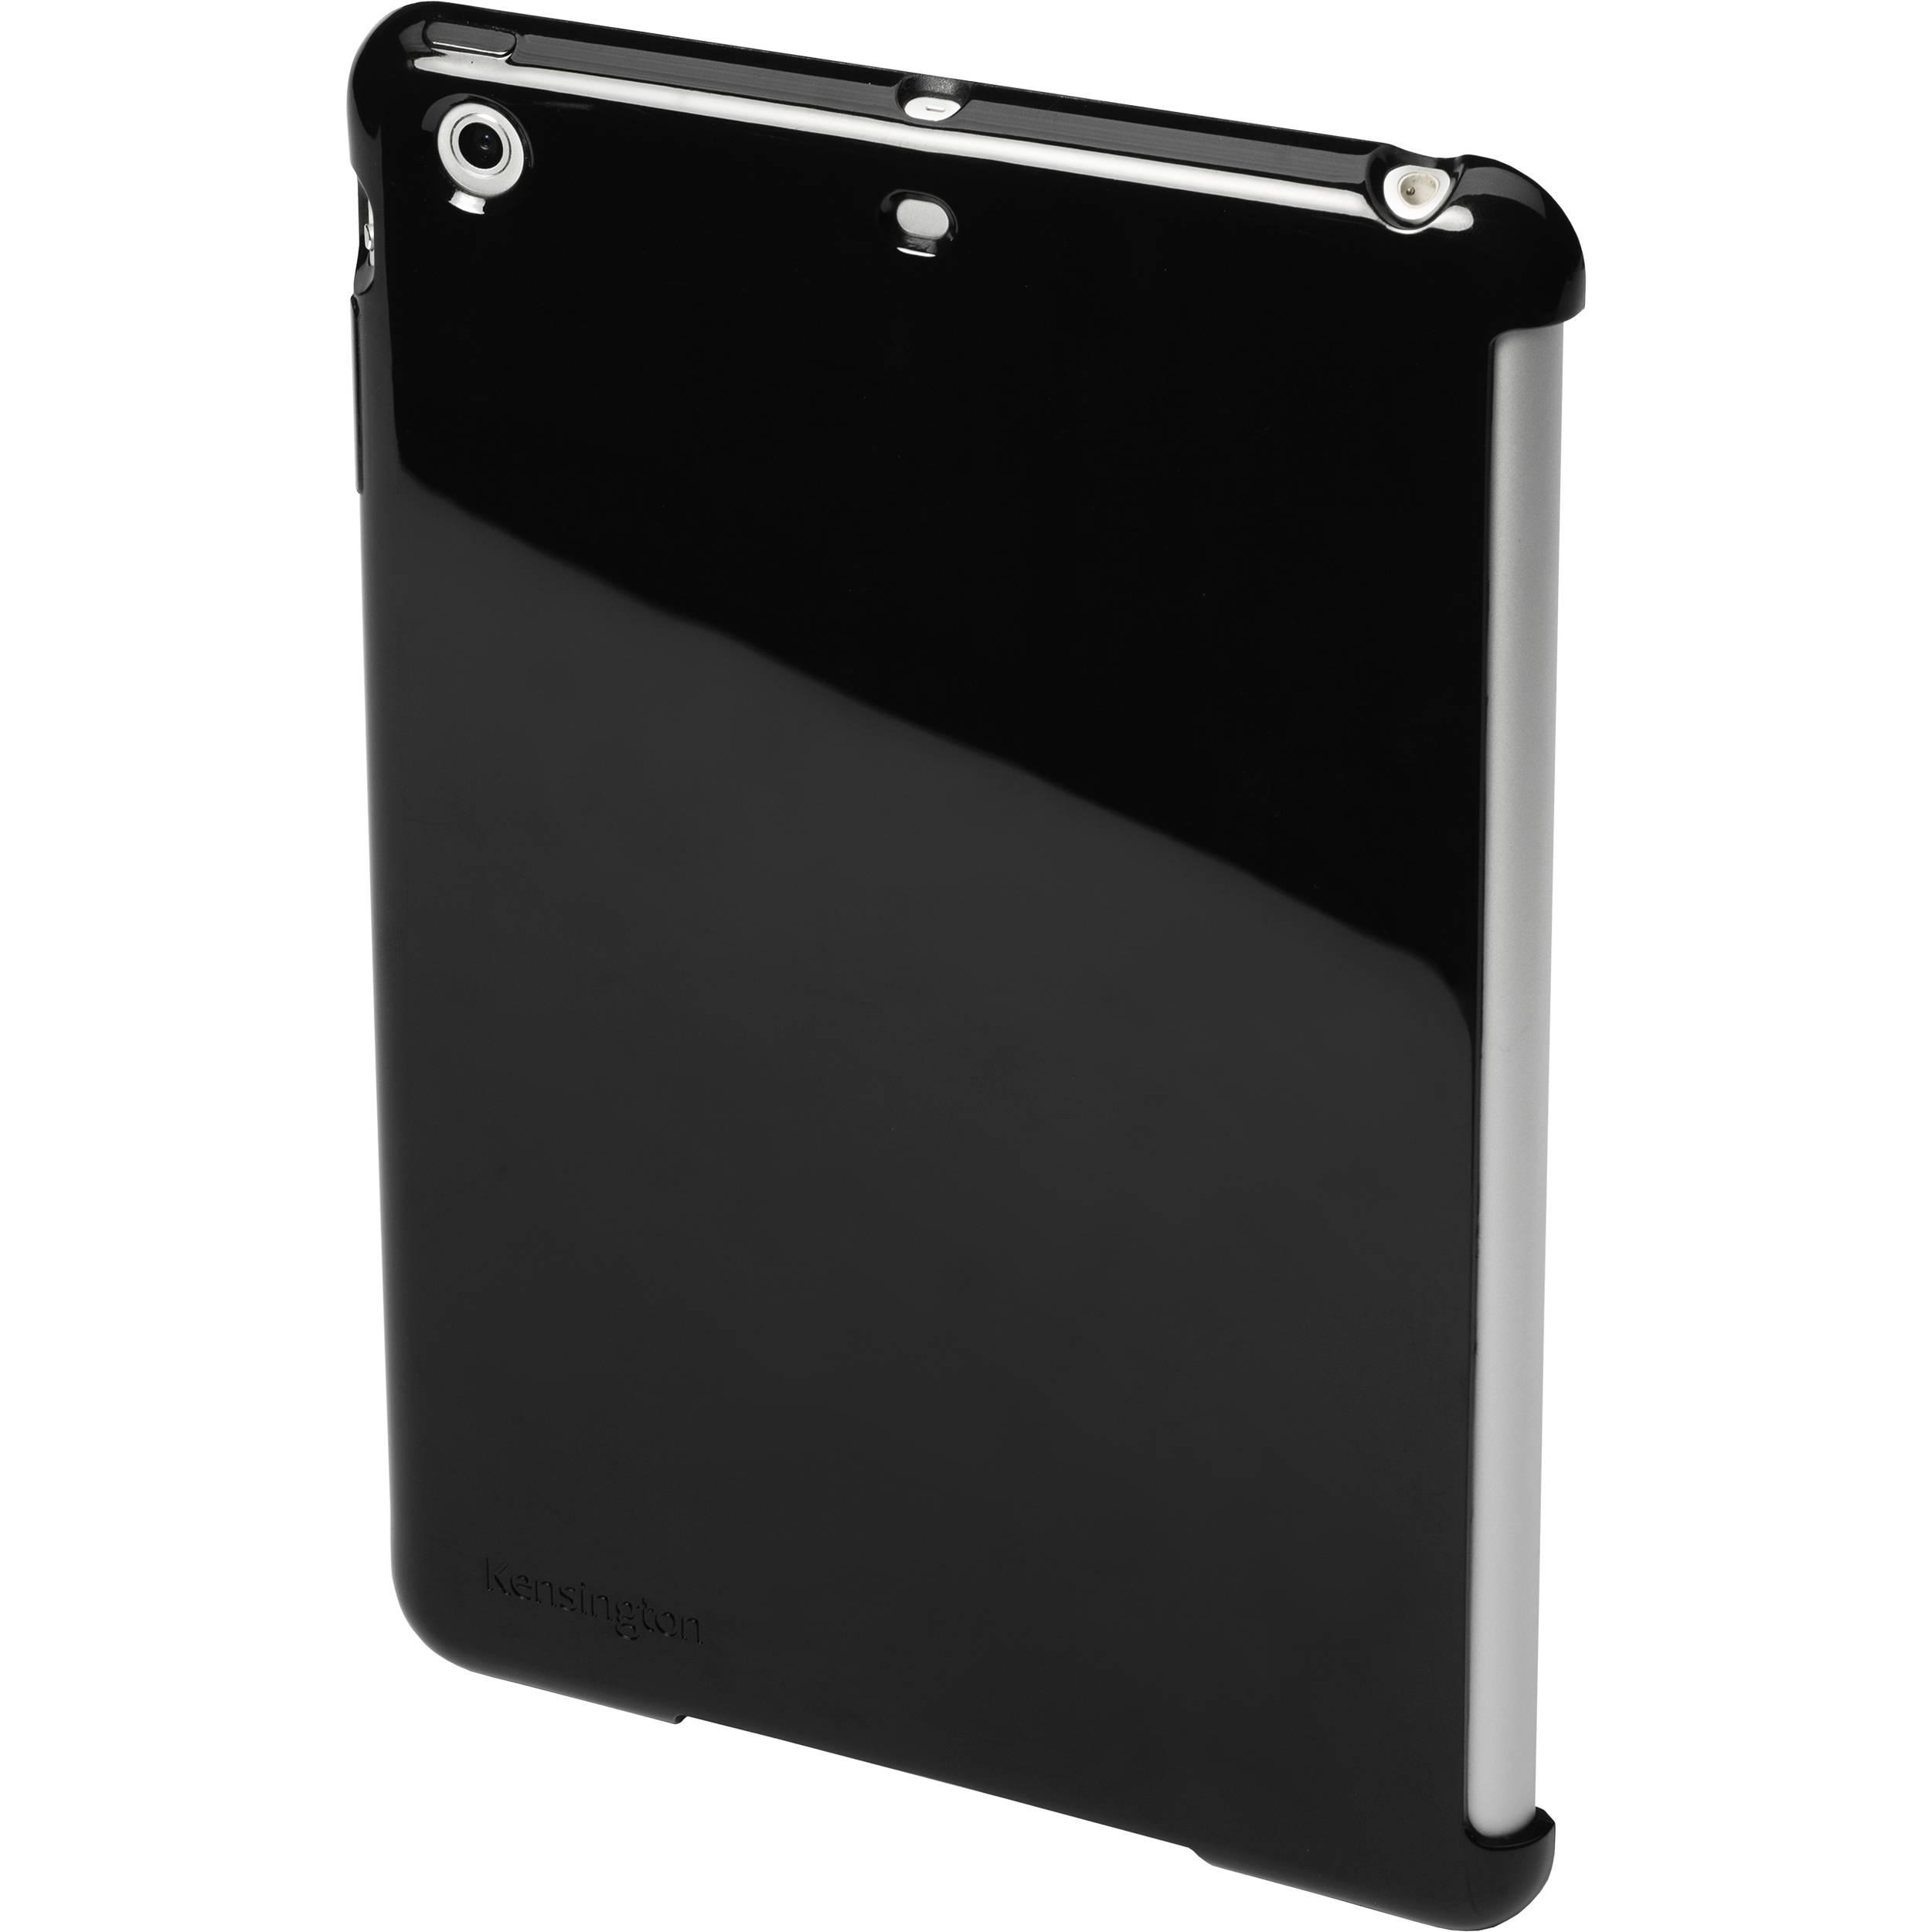 ipad mini cover Image